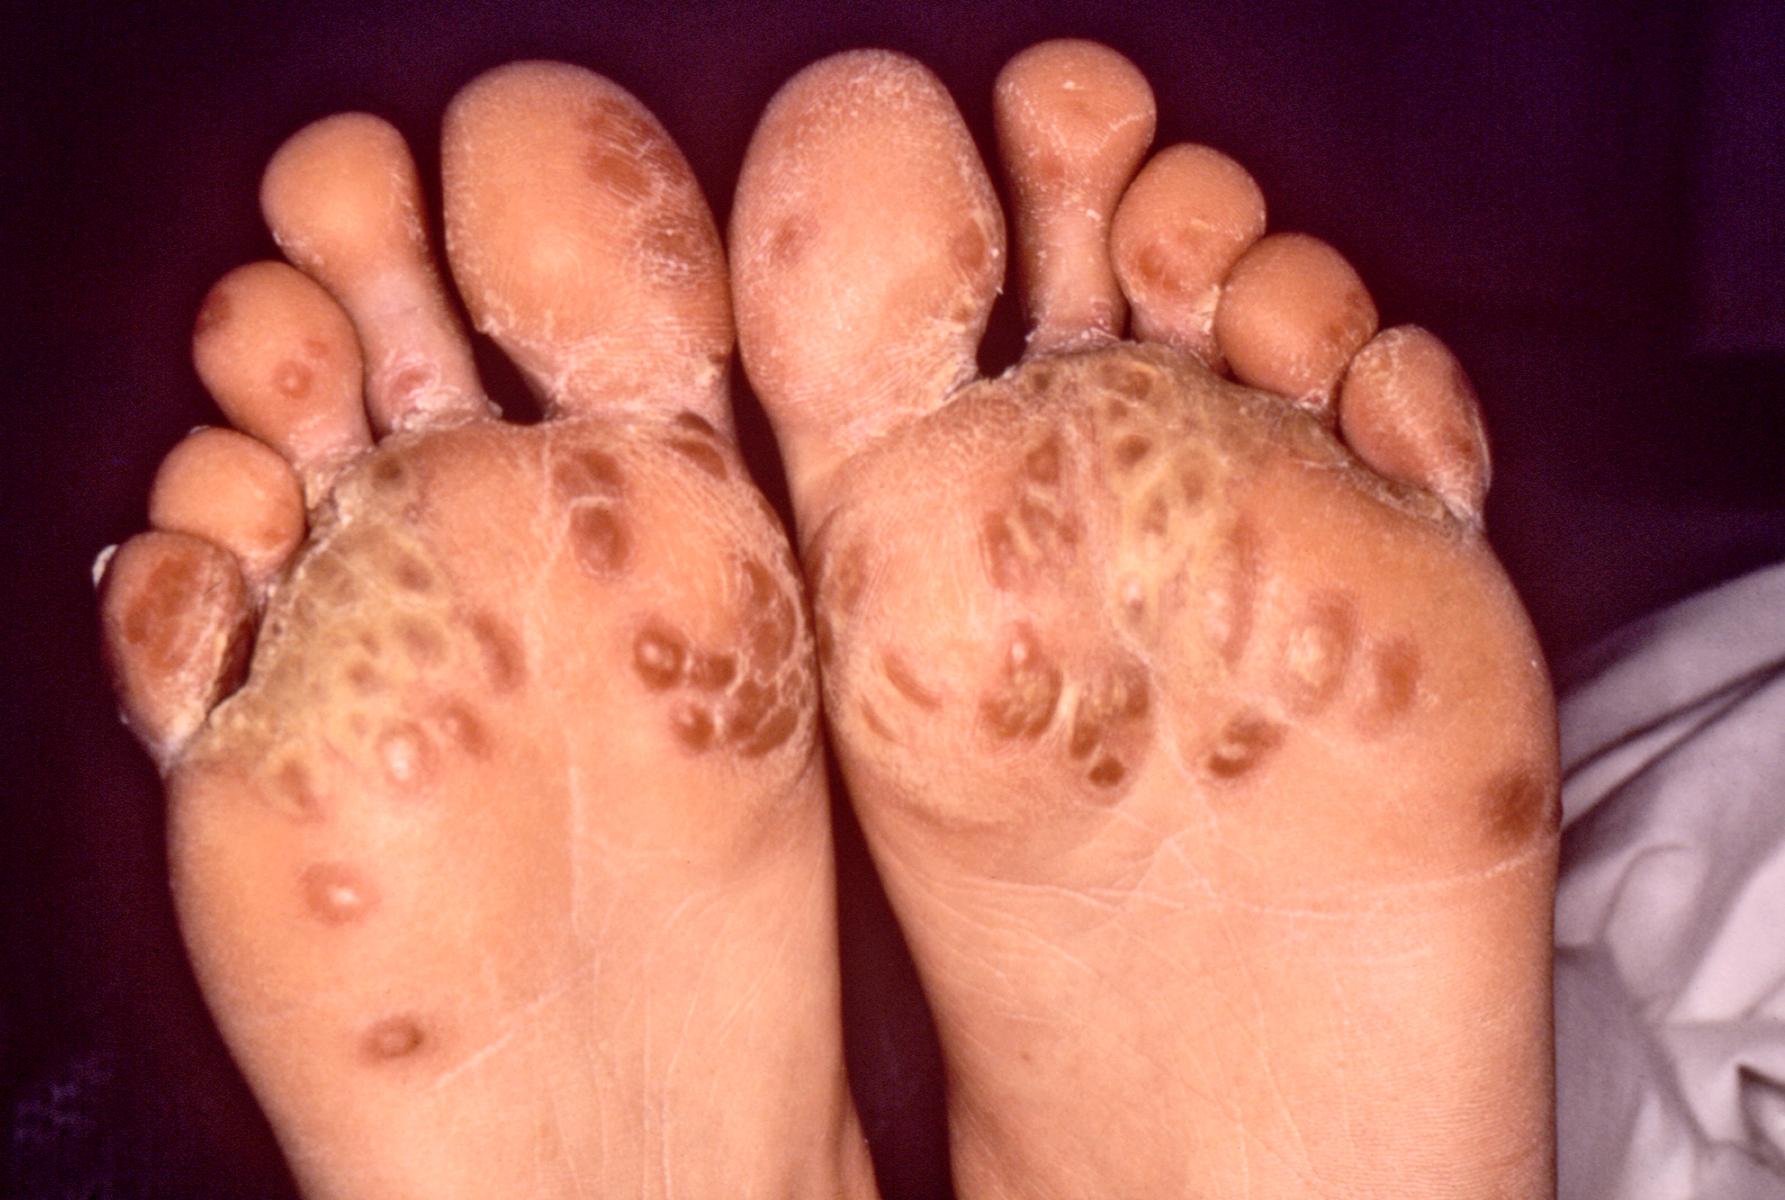 Foot symptoms - RightDiagnosis.com